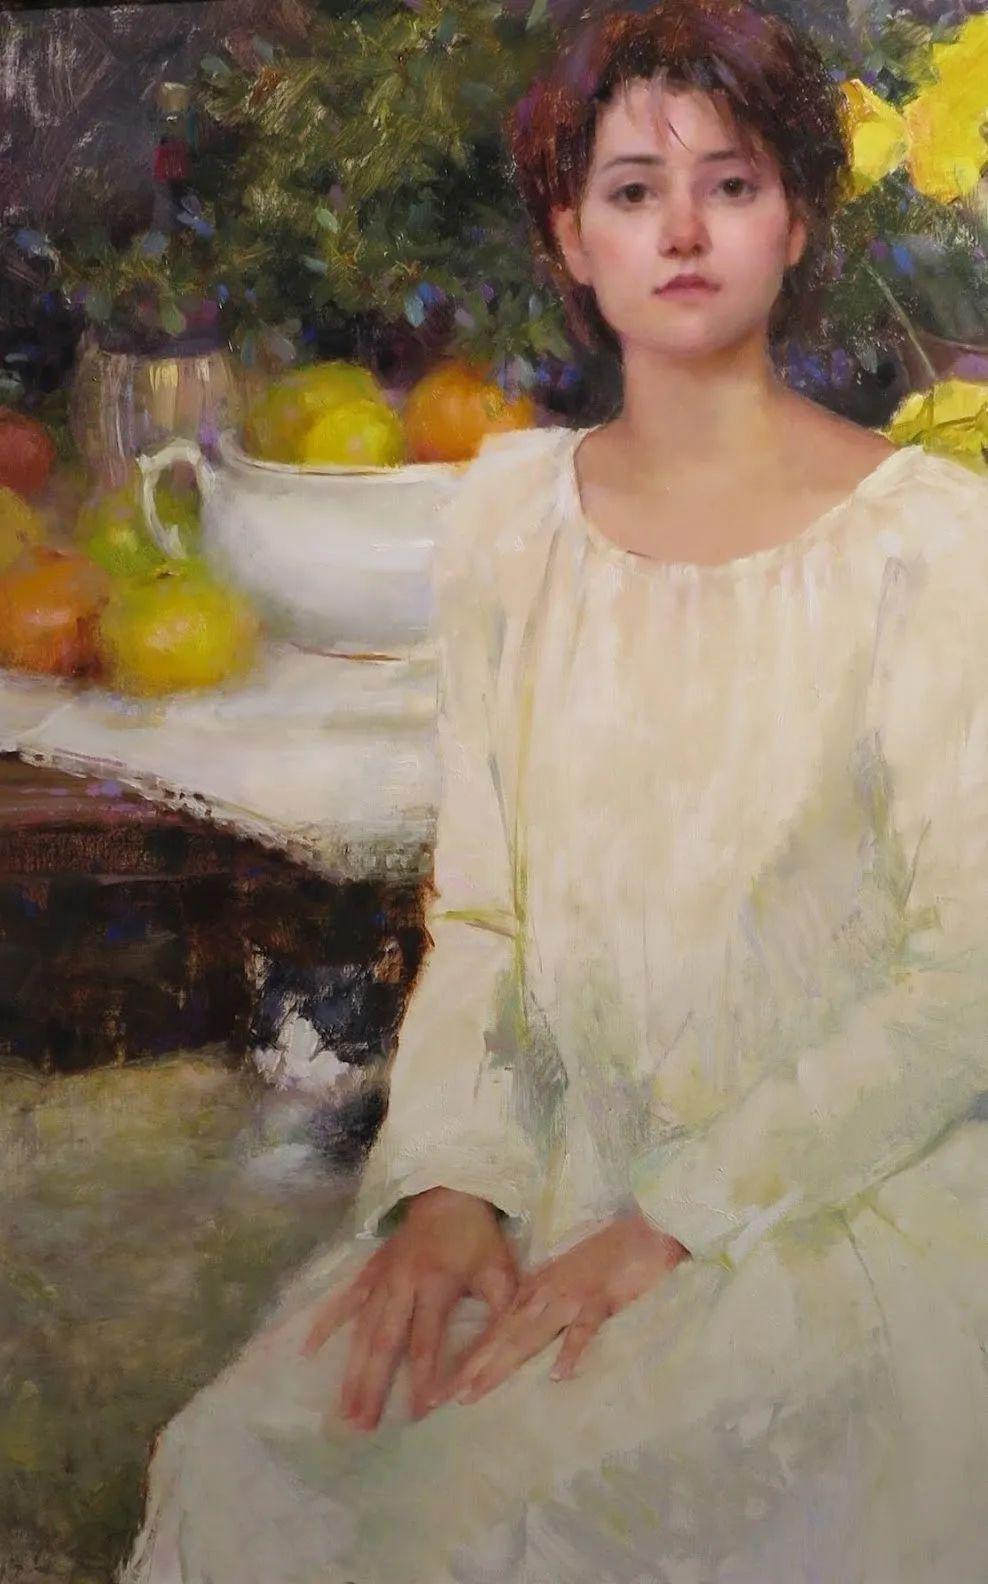 南希·古兹克笔下的花卉静物油画,爱了!插图81